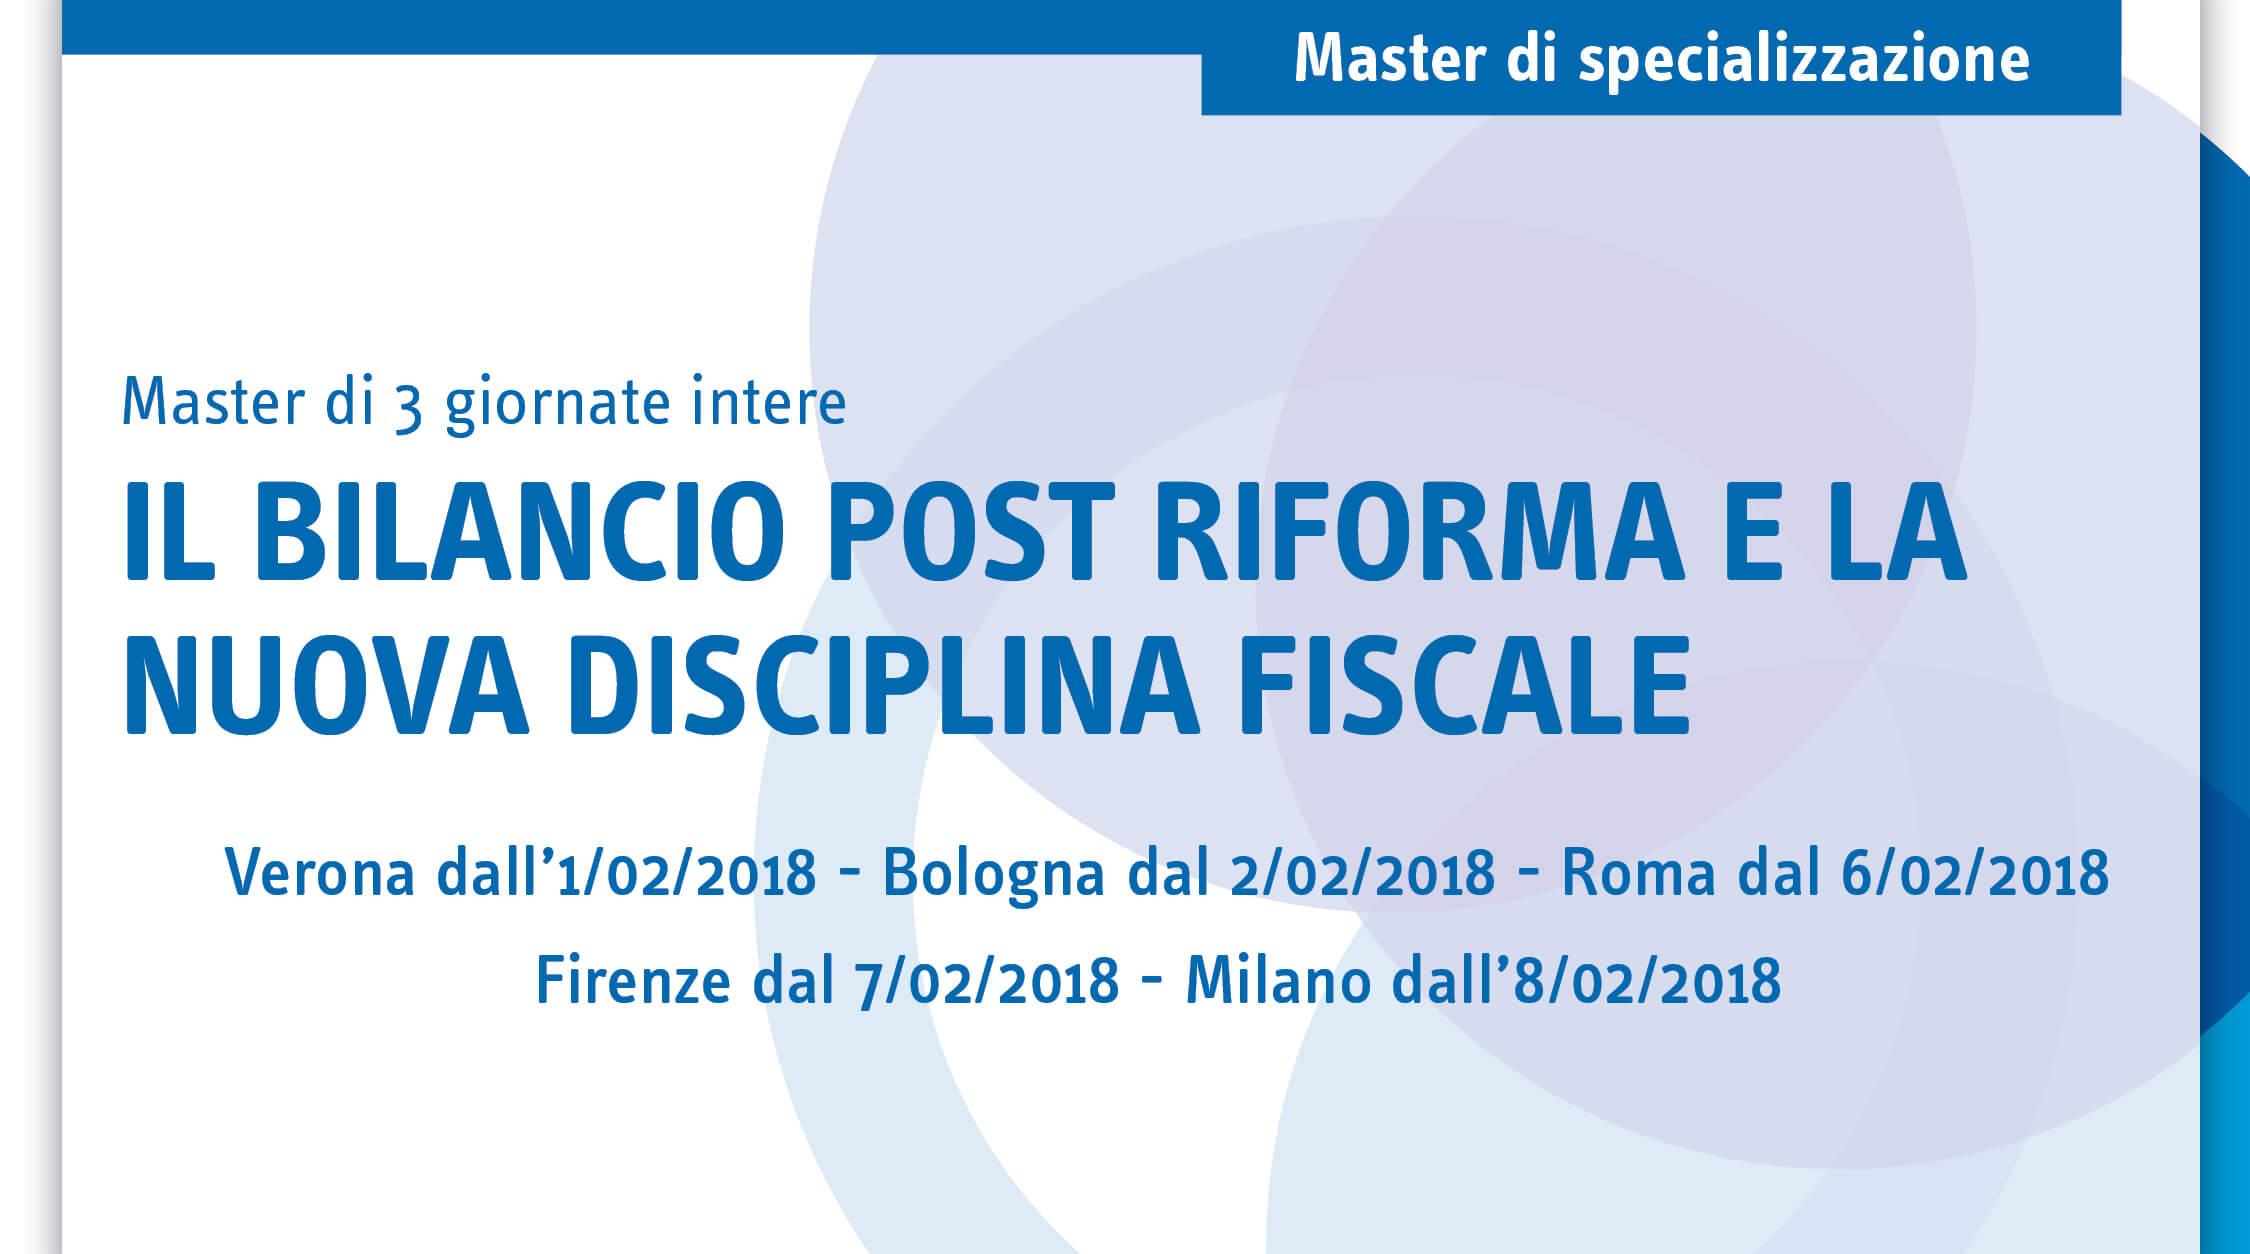 Il bilancio post riforma e la nuova disciplina fiscale